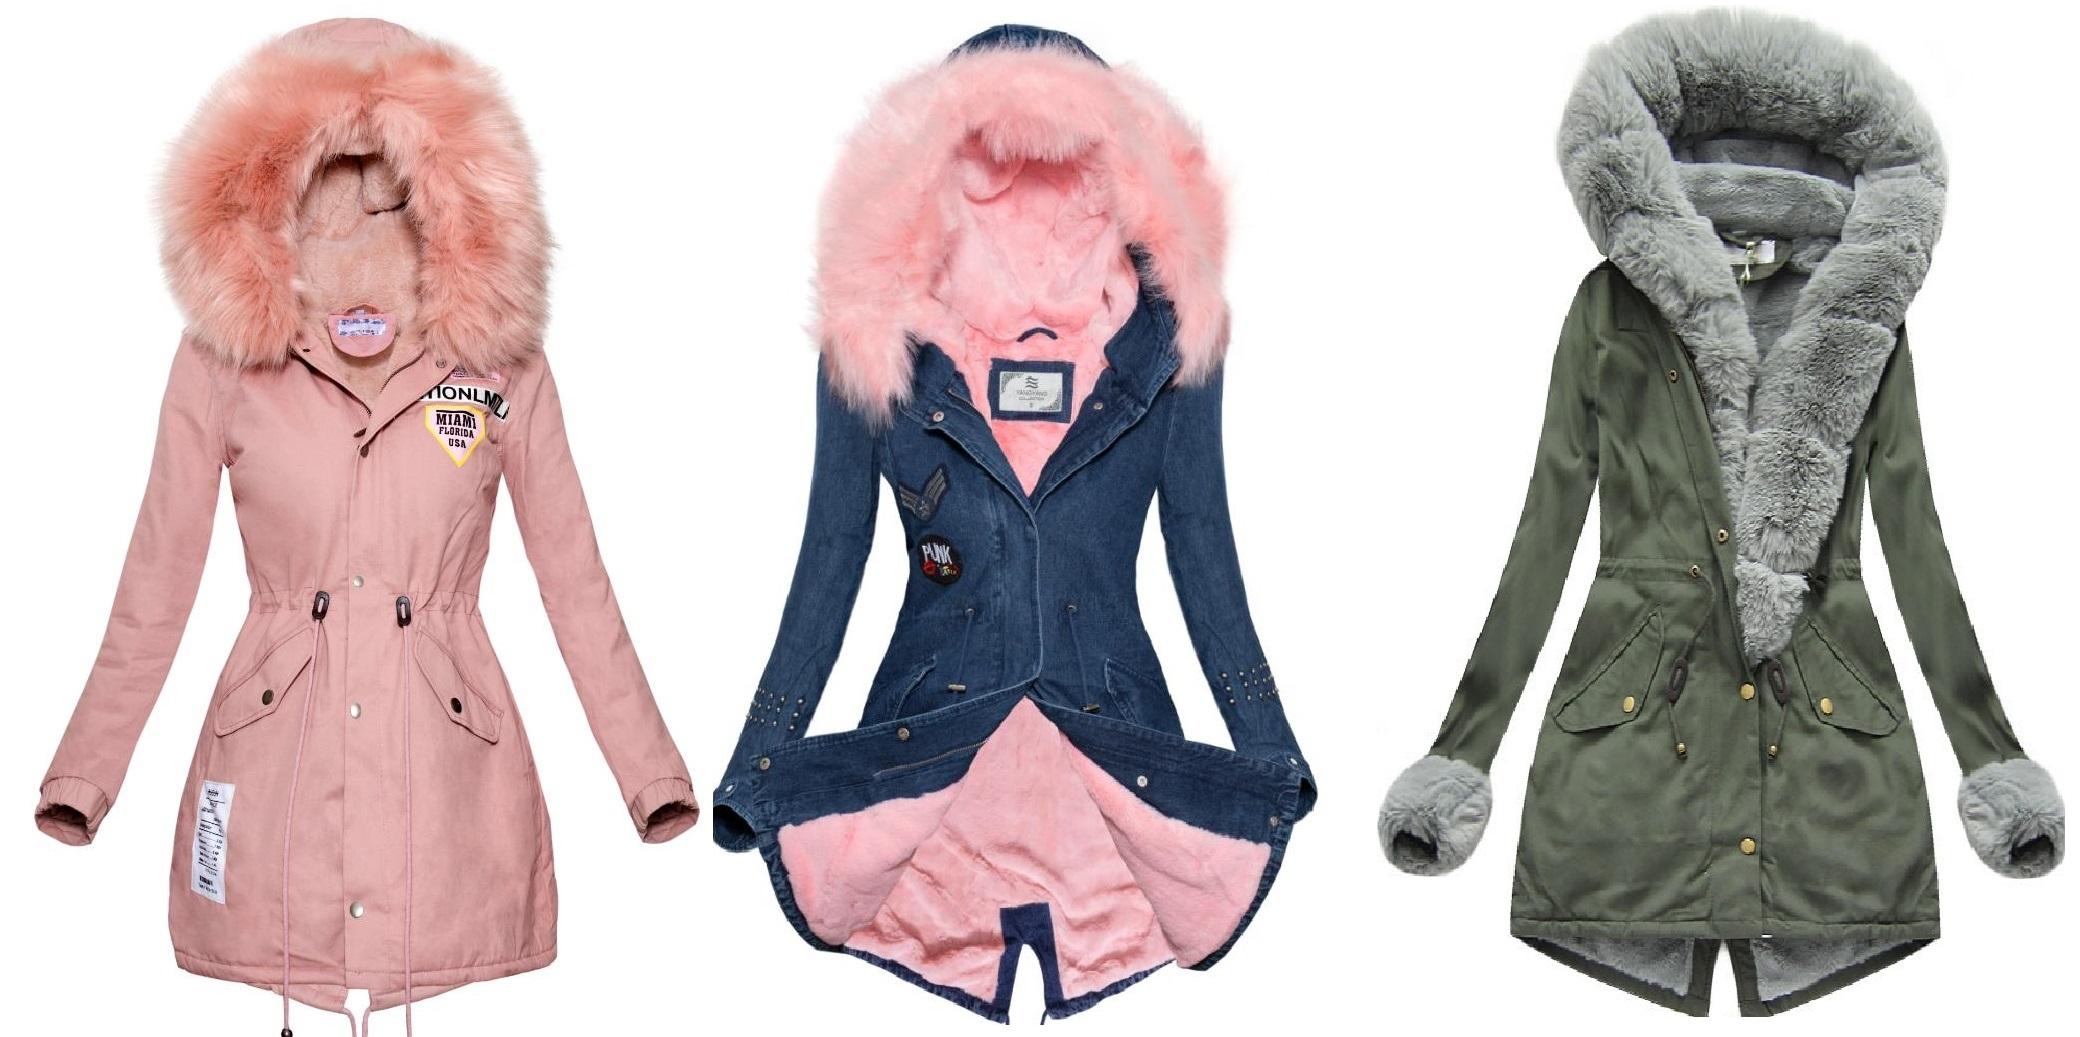 5770de02e0 Manzara Abbigliamento - Per essere sempre trendy senza dimenticare la  comodità.